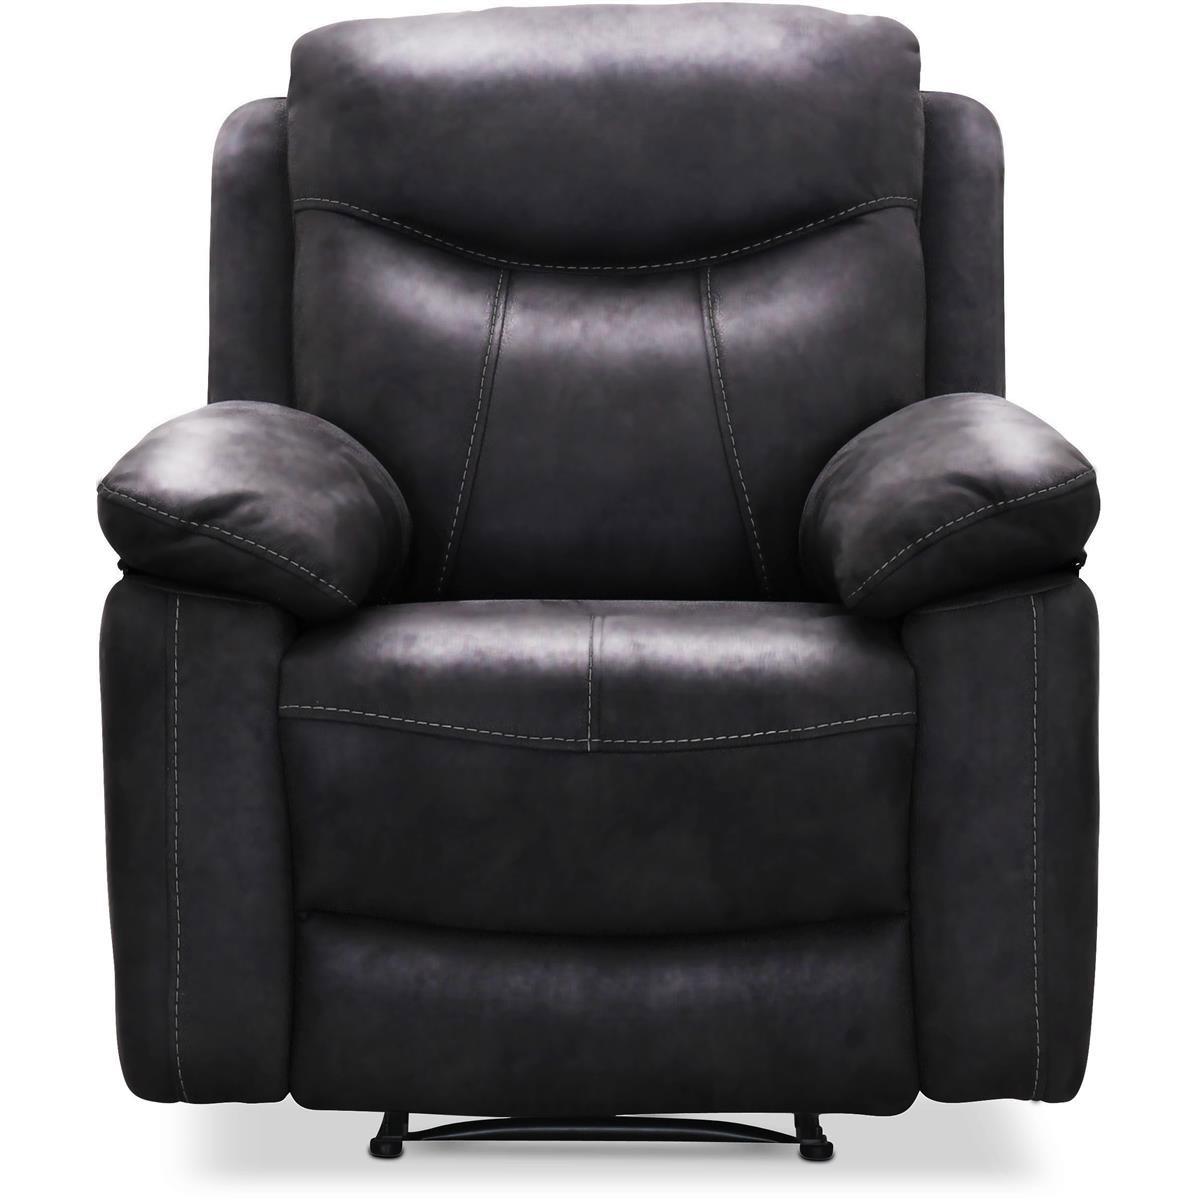 Boston fåtölj recliner läder svart